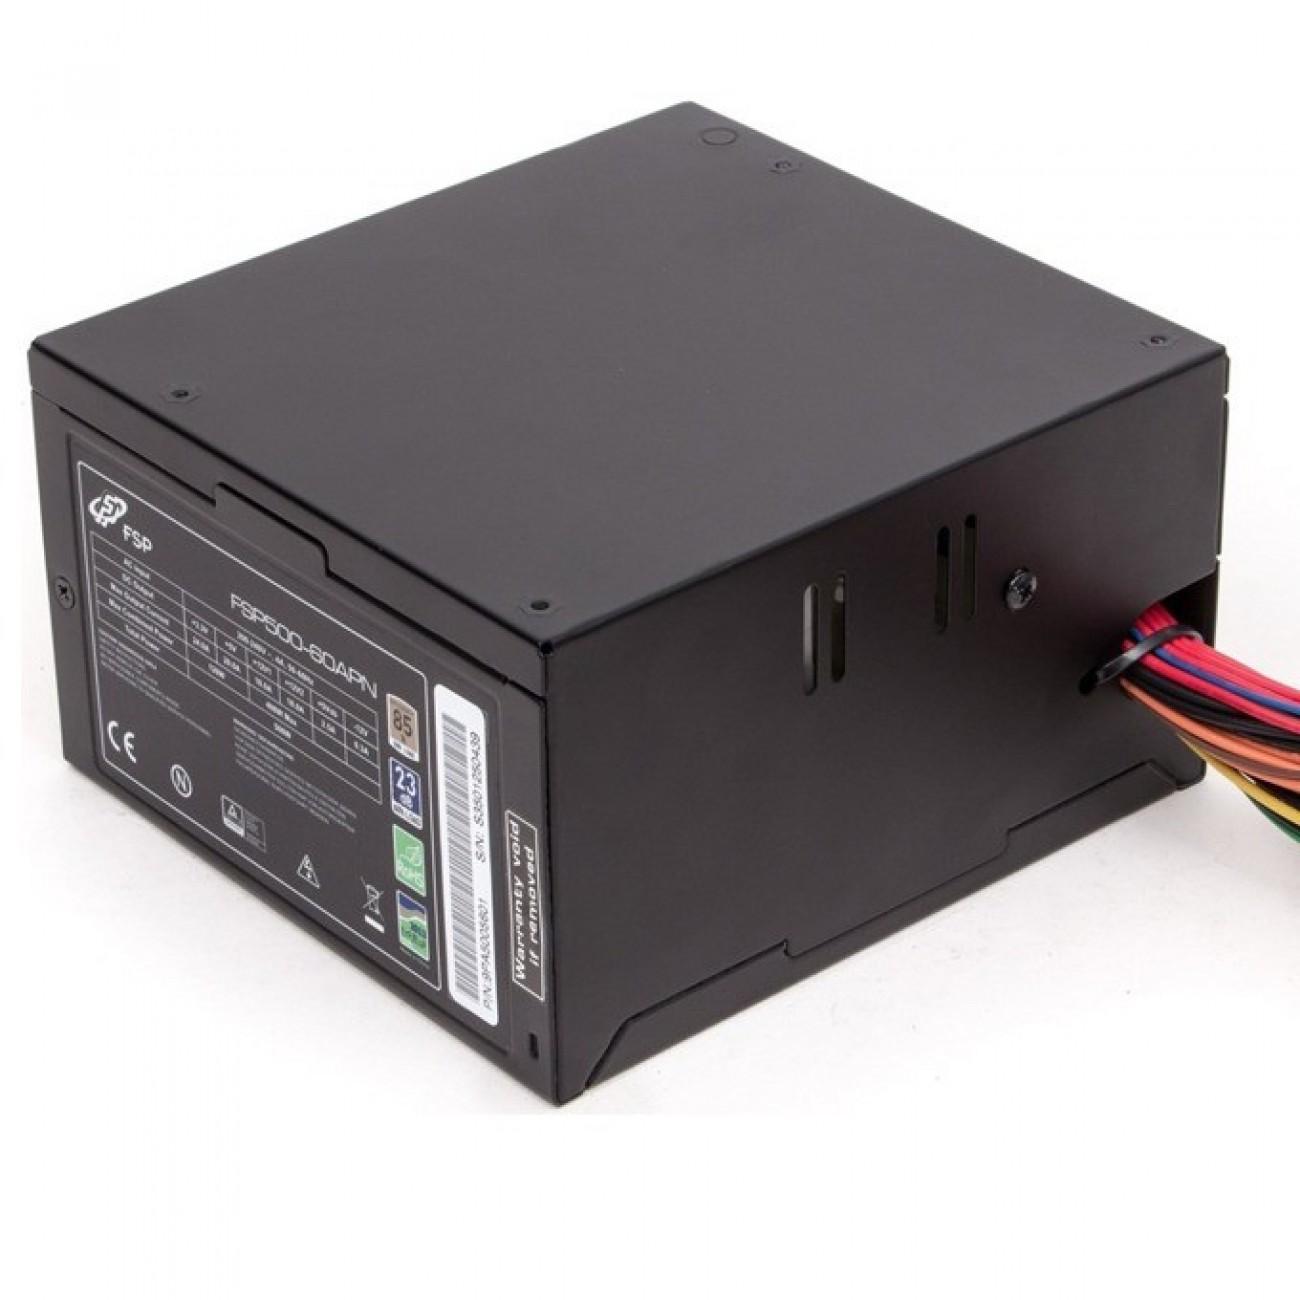 Захранване FORTRON FSP Group FSP500-60APN 85+, 500W,Active, rev.2.0, 120mm fan, 24 pin конектор, 230V в Захранвания Настолни компютри -  | Alleop